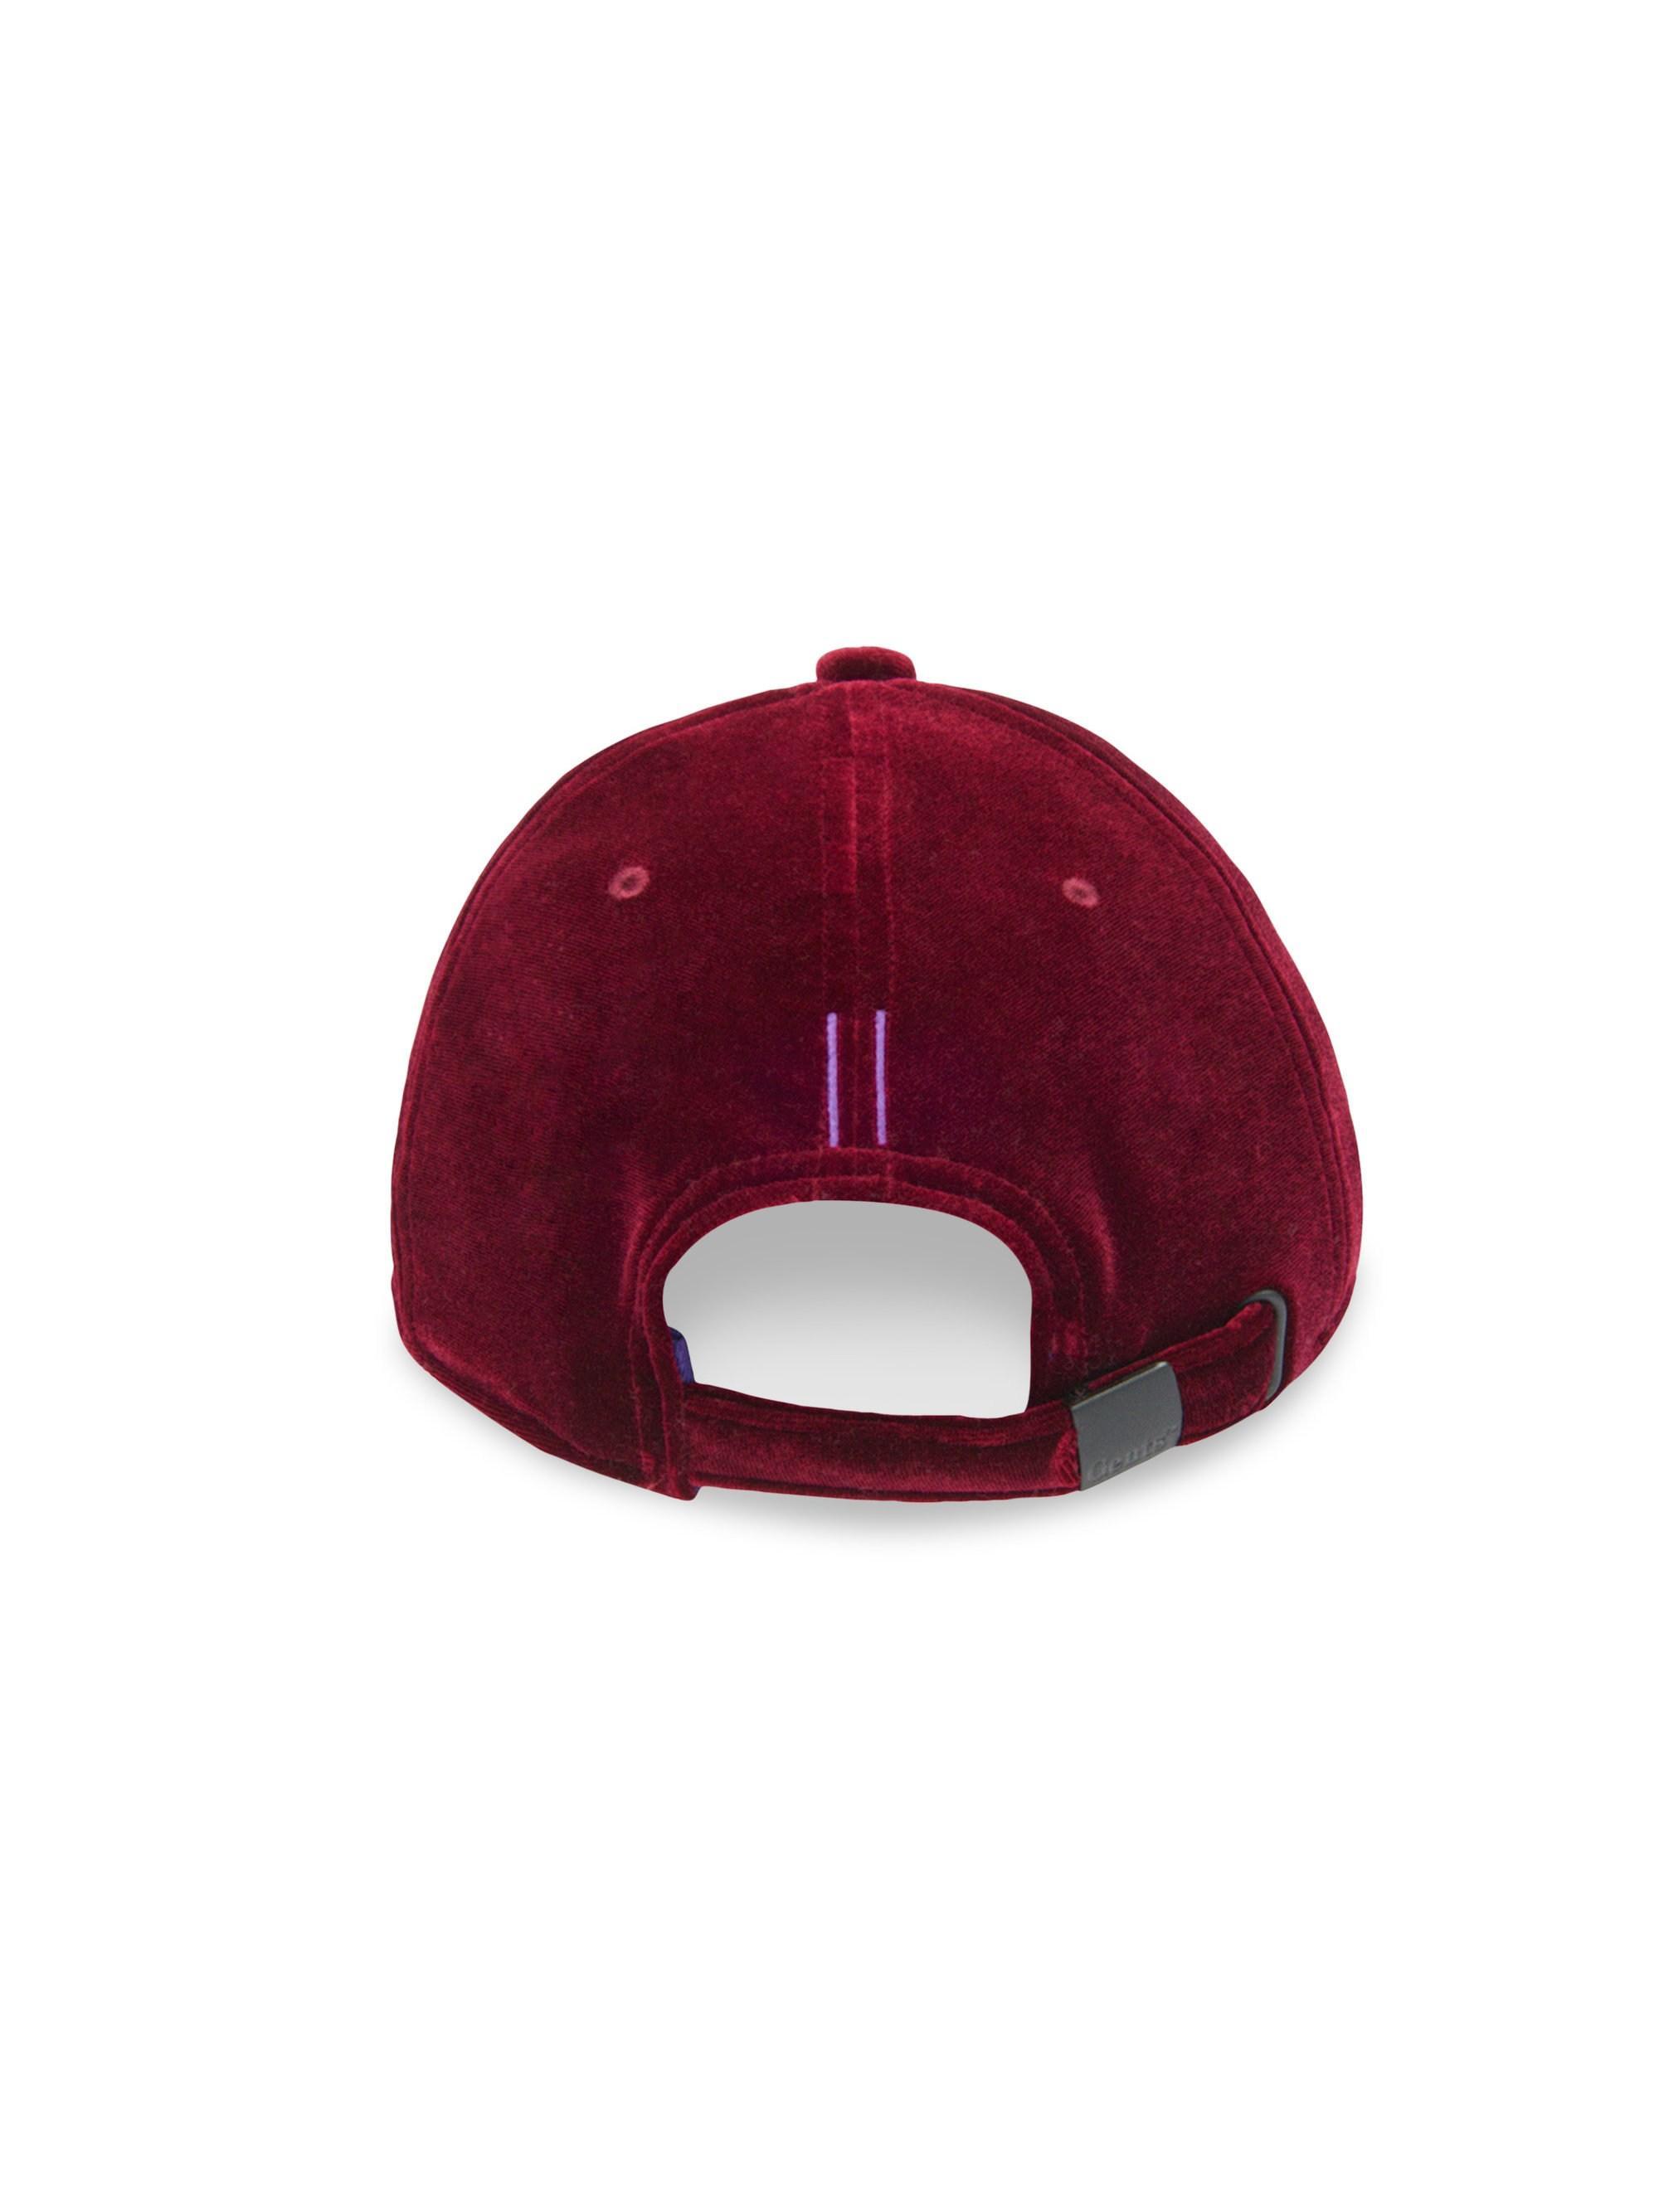 2960457fef4 ... Executive Velvet Baseball Cap - Red for Men - Lyst. View fullscreen